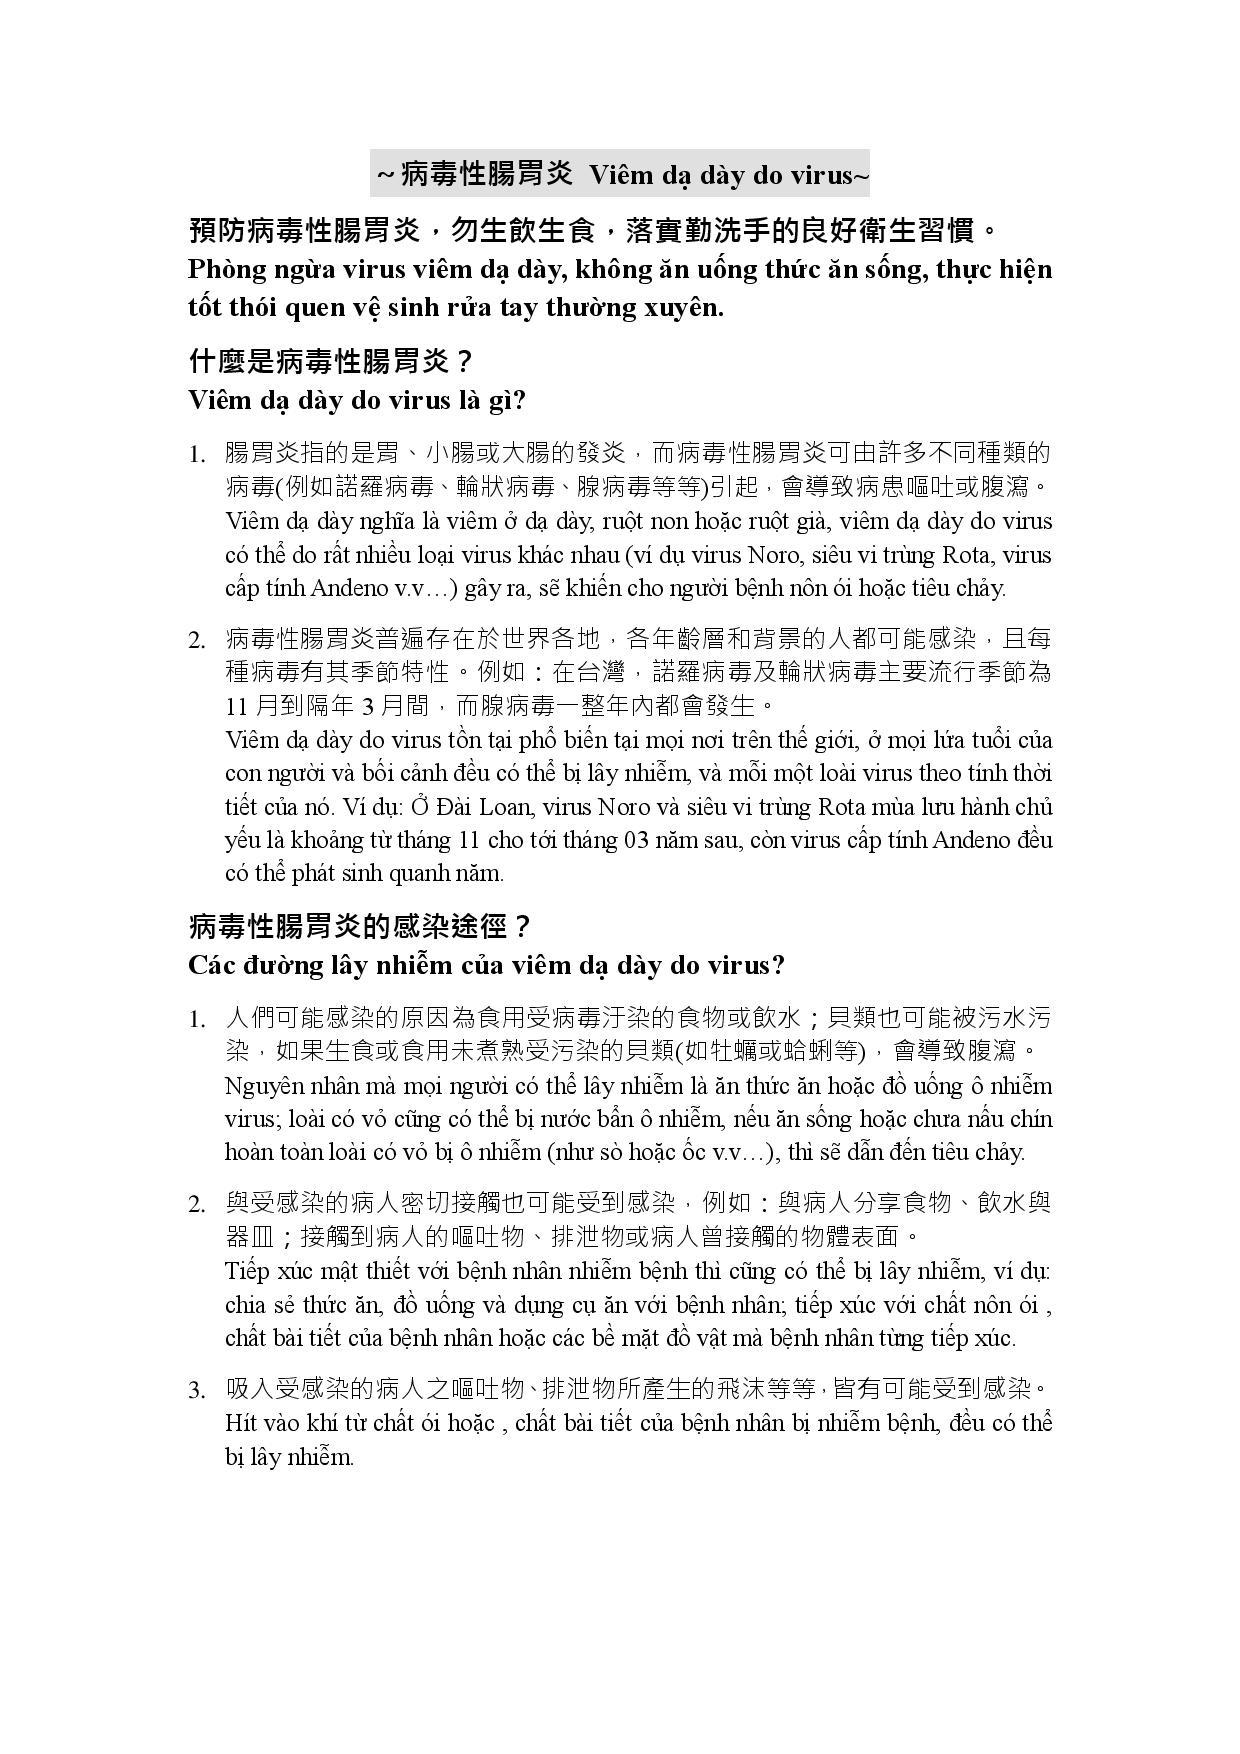 詳如附件【nhấp vào đây】Phòng ngừa virus viêm dạ dày(Trang 1)預防病毒性腸胃炎(越文)